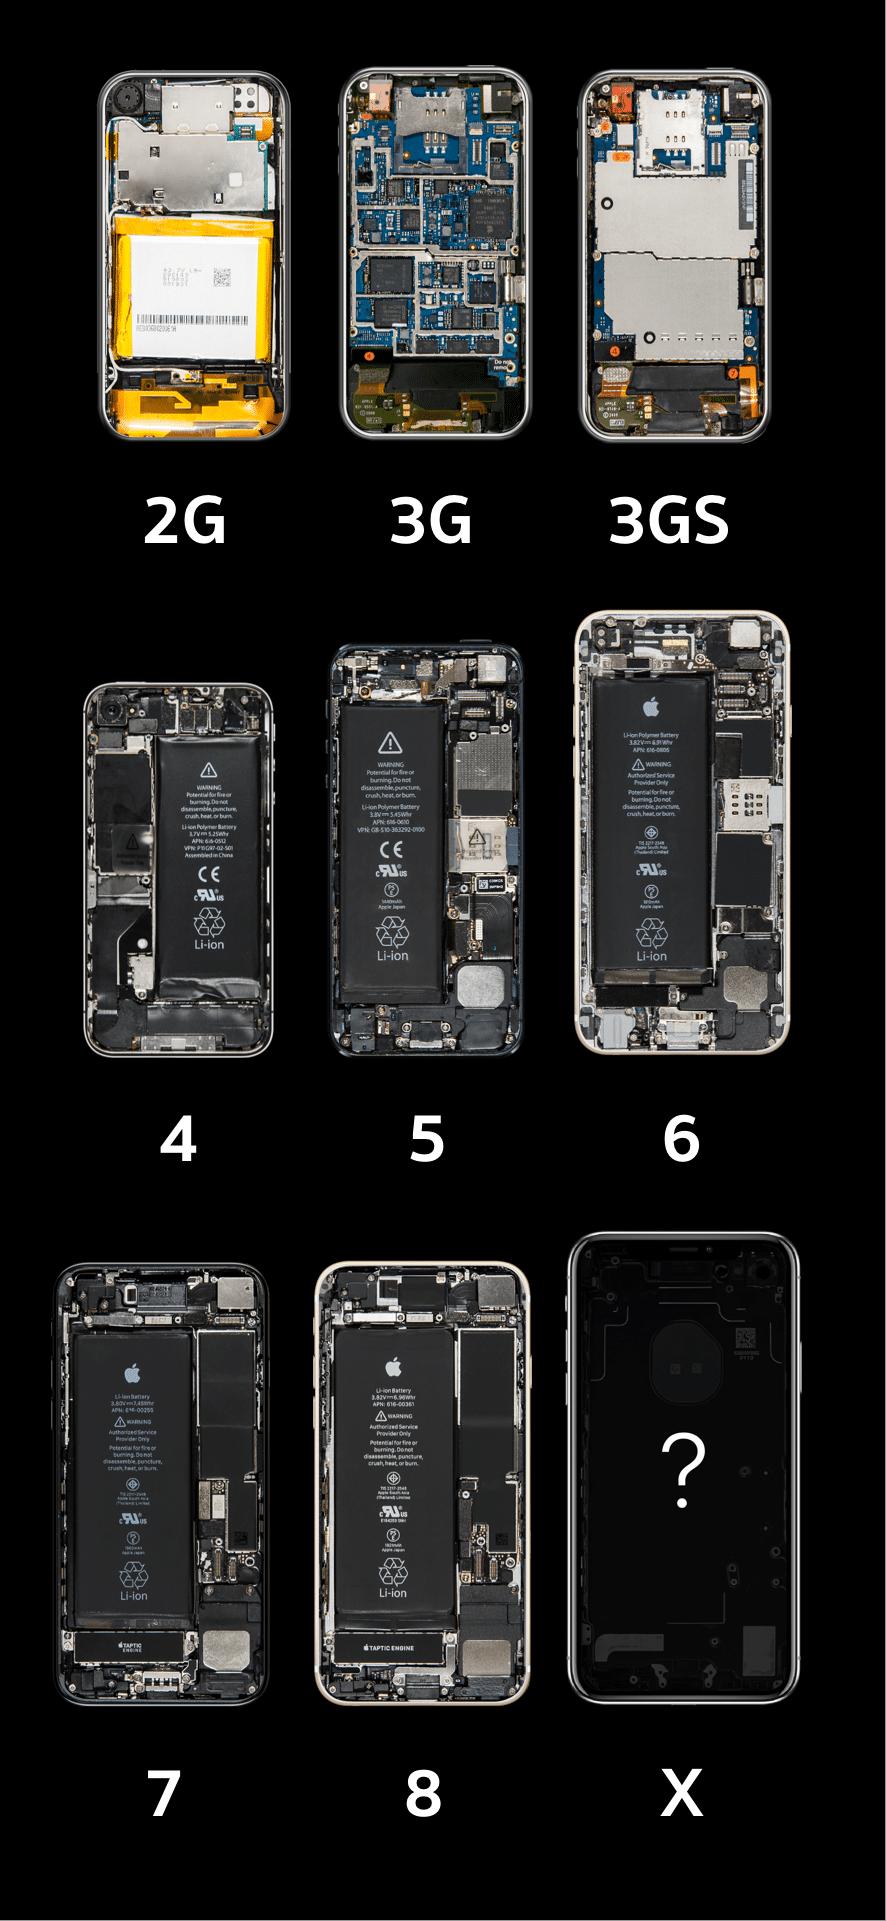 iphone-inside-10-year-breakdown